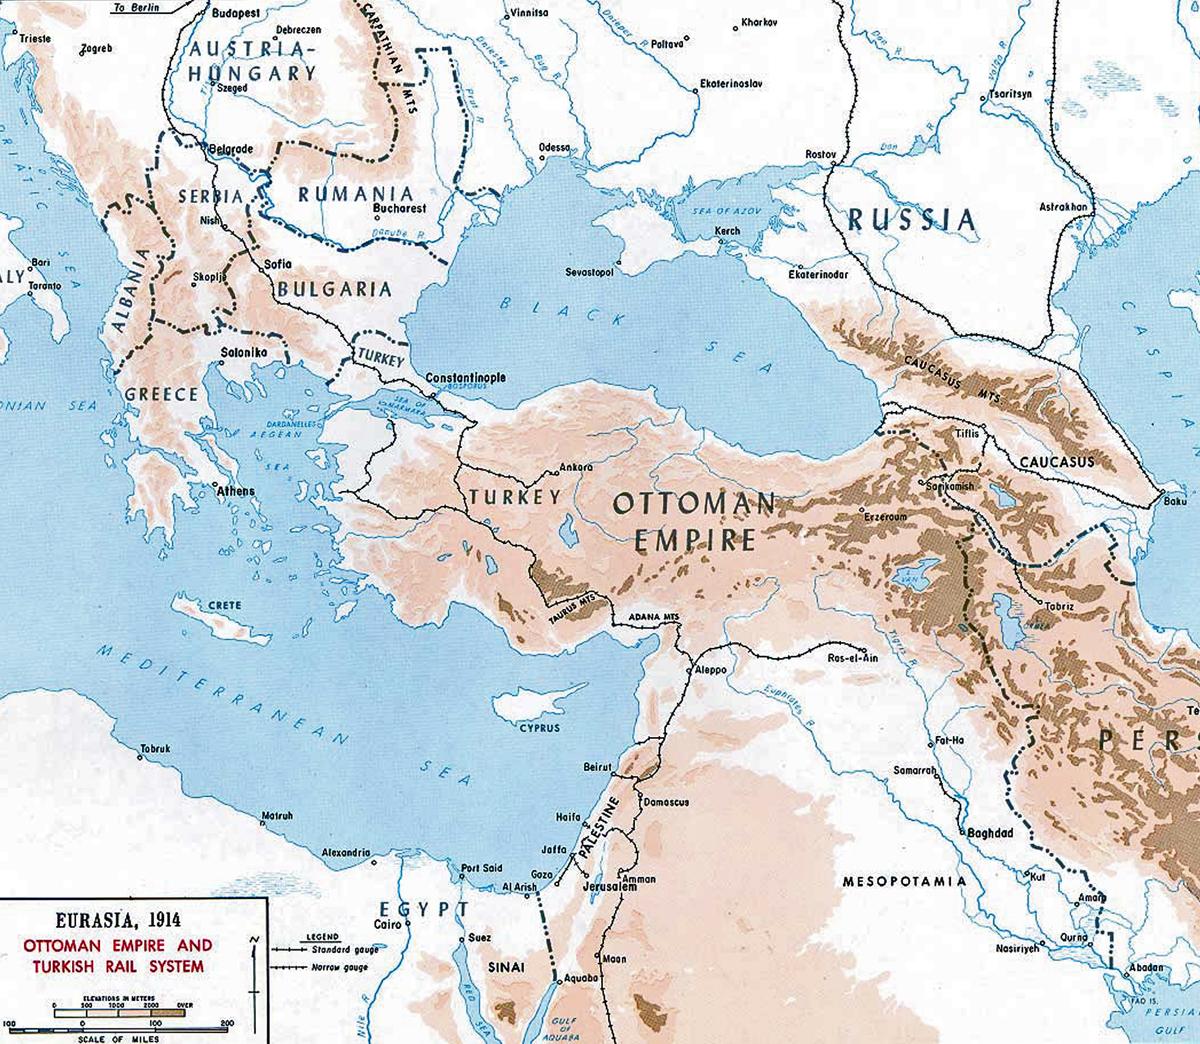 Ottoman Empire s rail system 1914Ottoman Empire Ww1